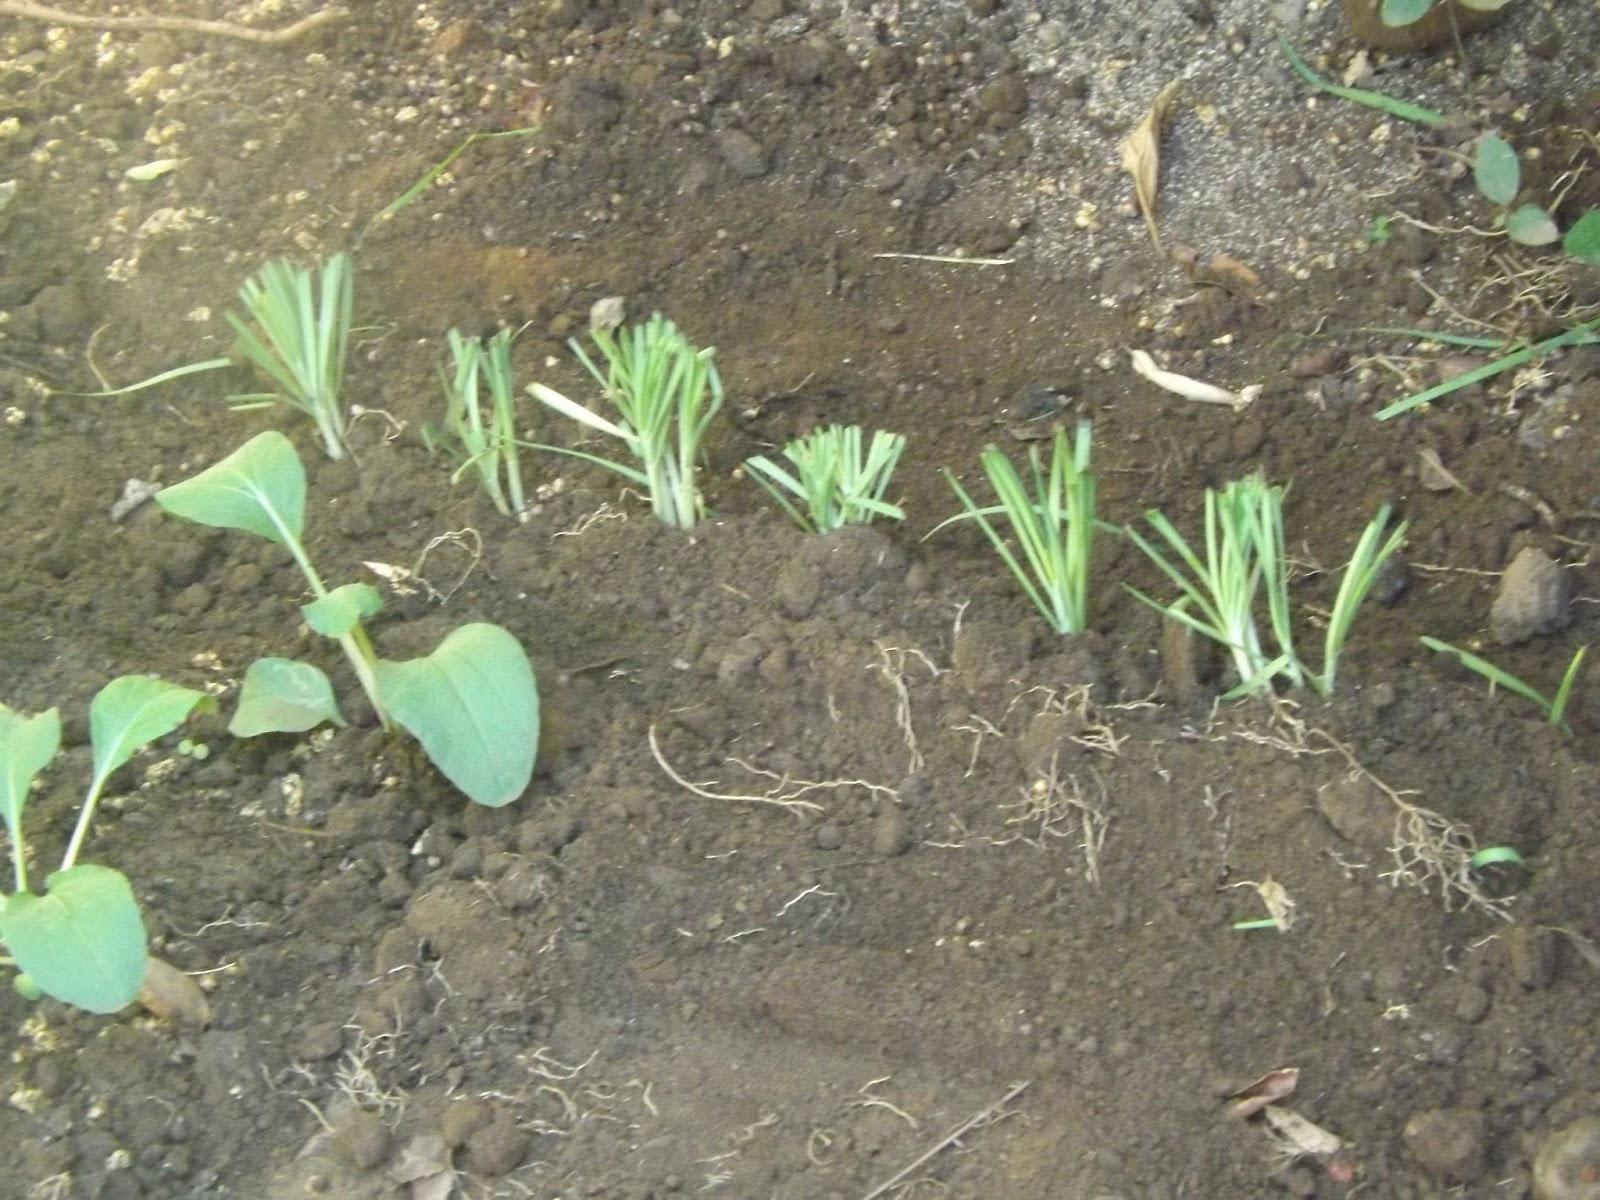 De la terre na t notre richesse entretien du jardin les for Entretien jardin decembre